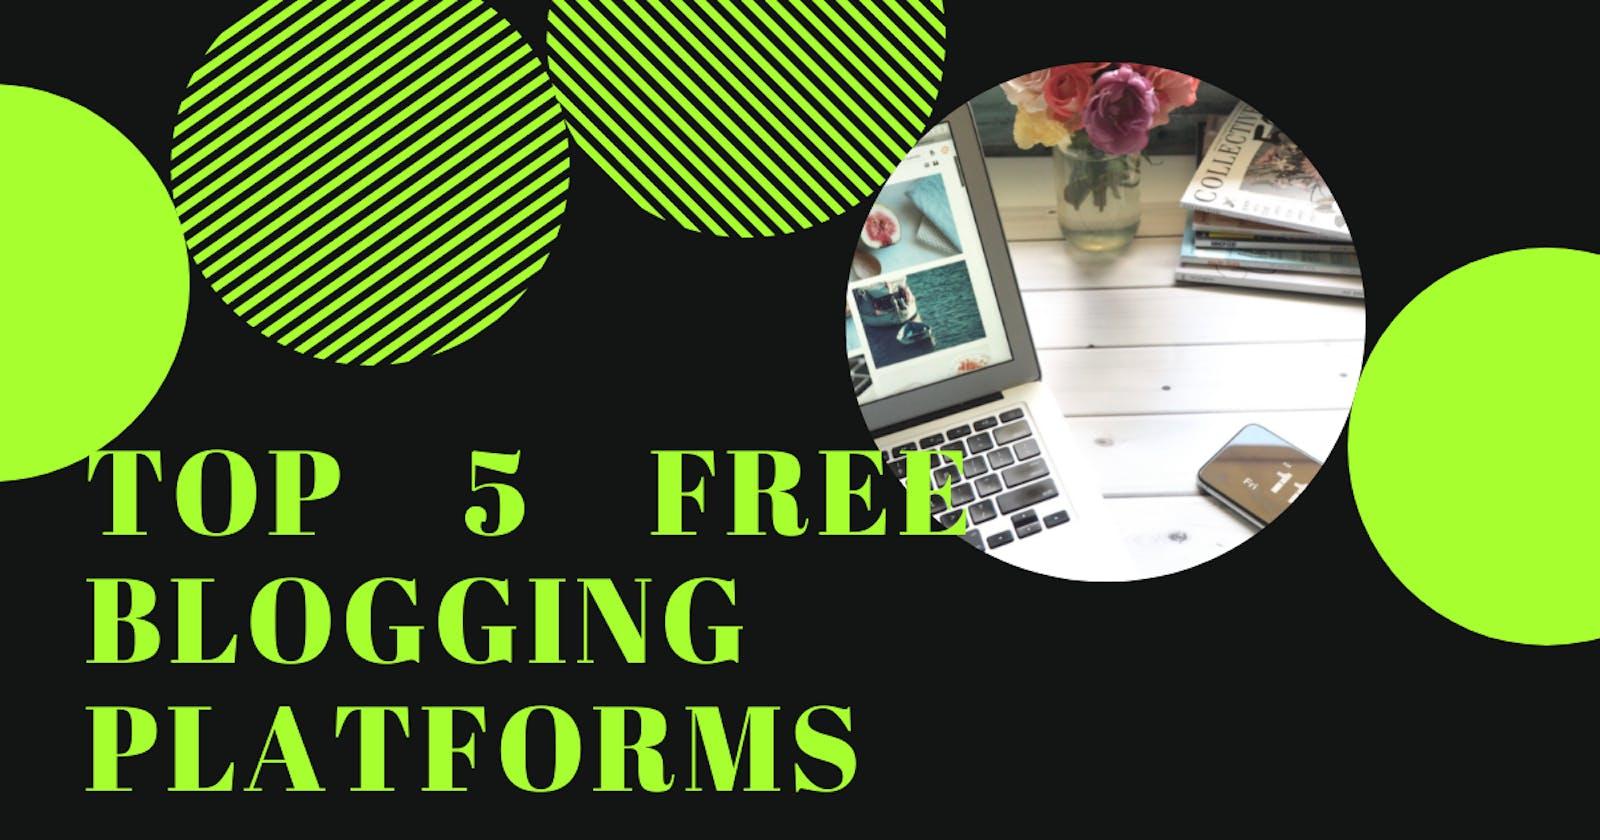 Top 5 free blogging platforms